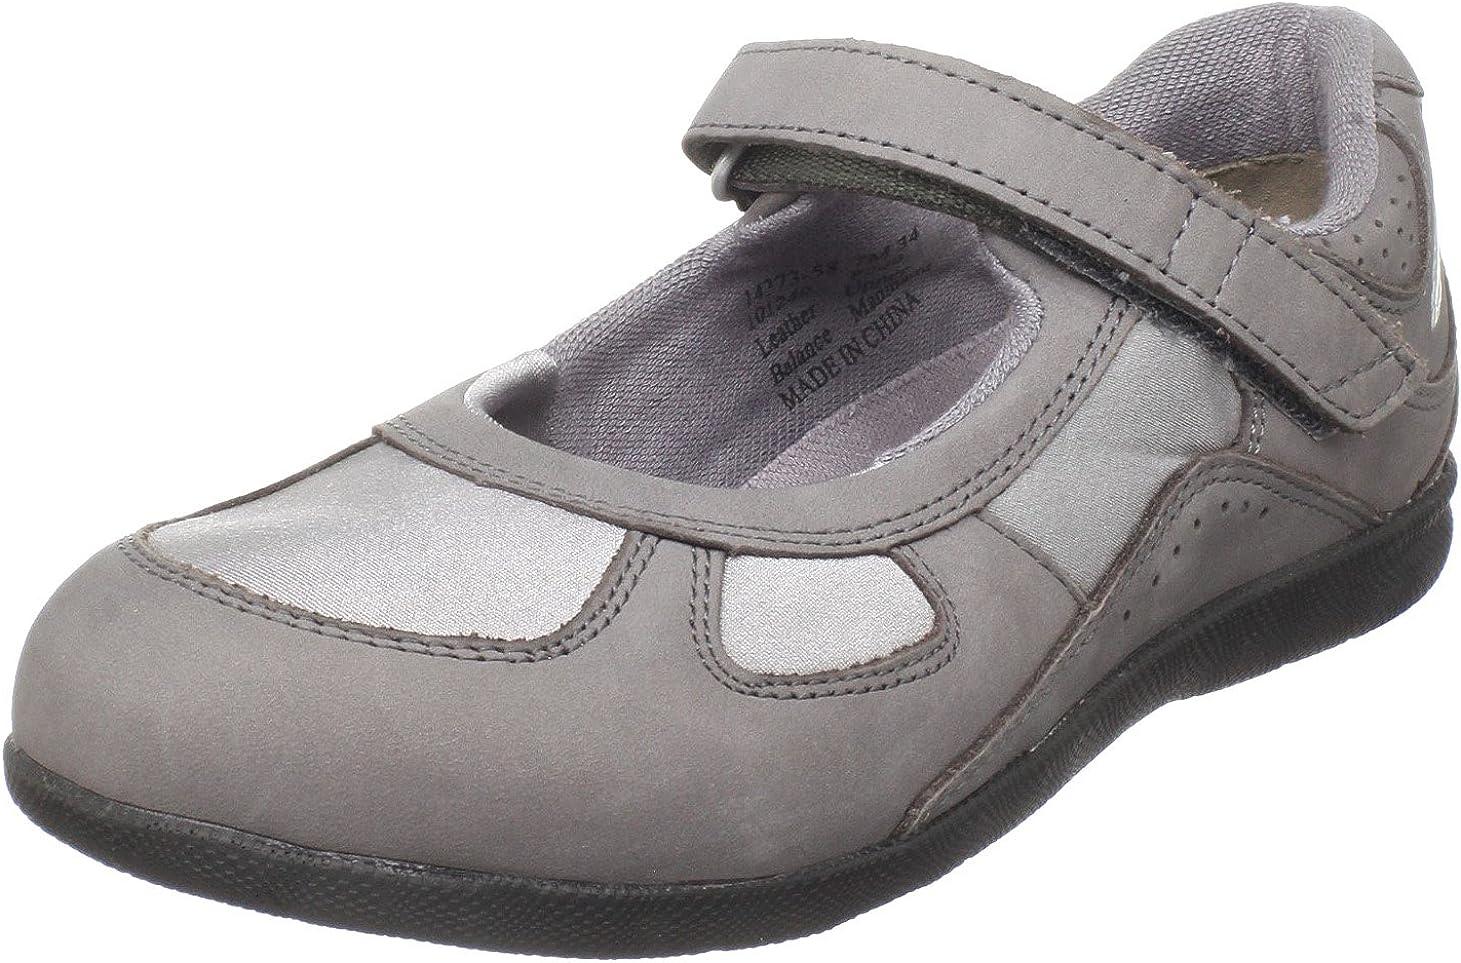 Drew Shoe 特価 Women's Delite 新商品